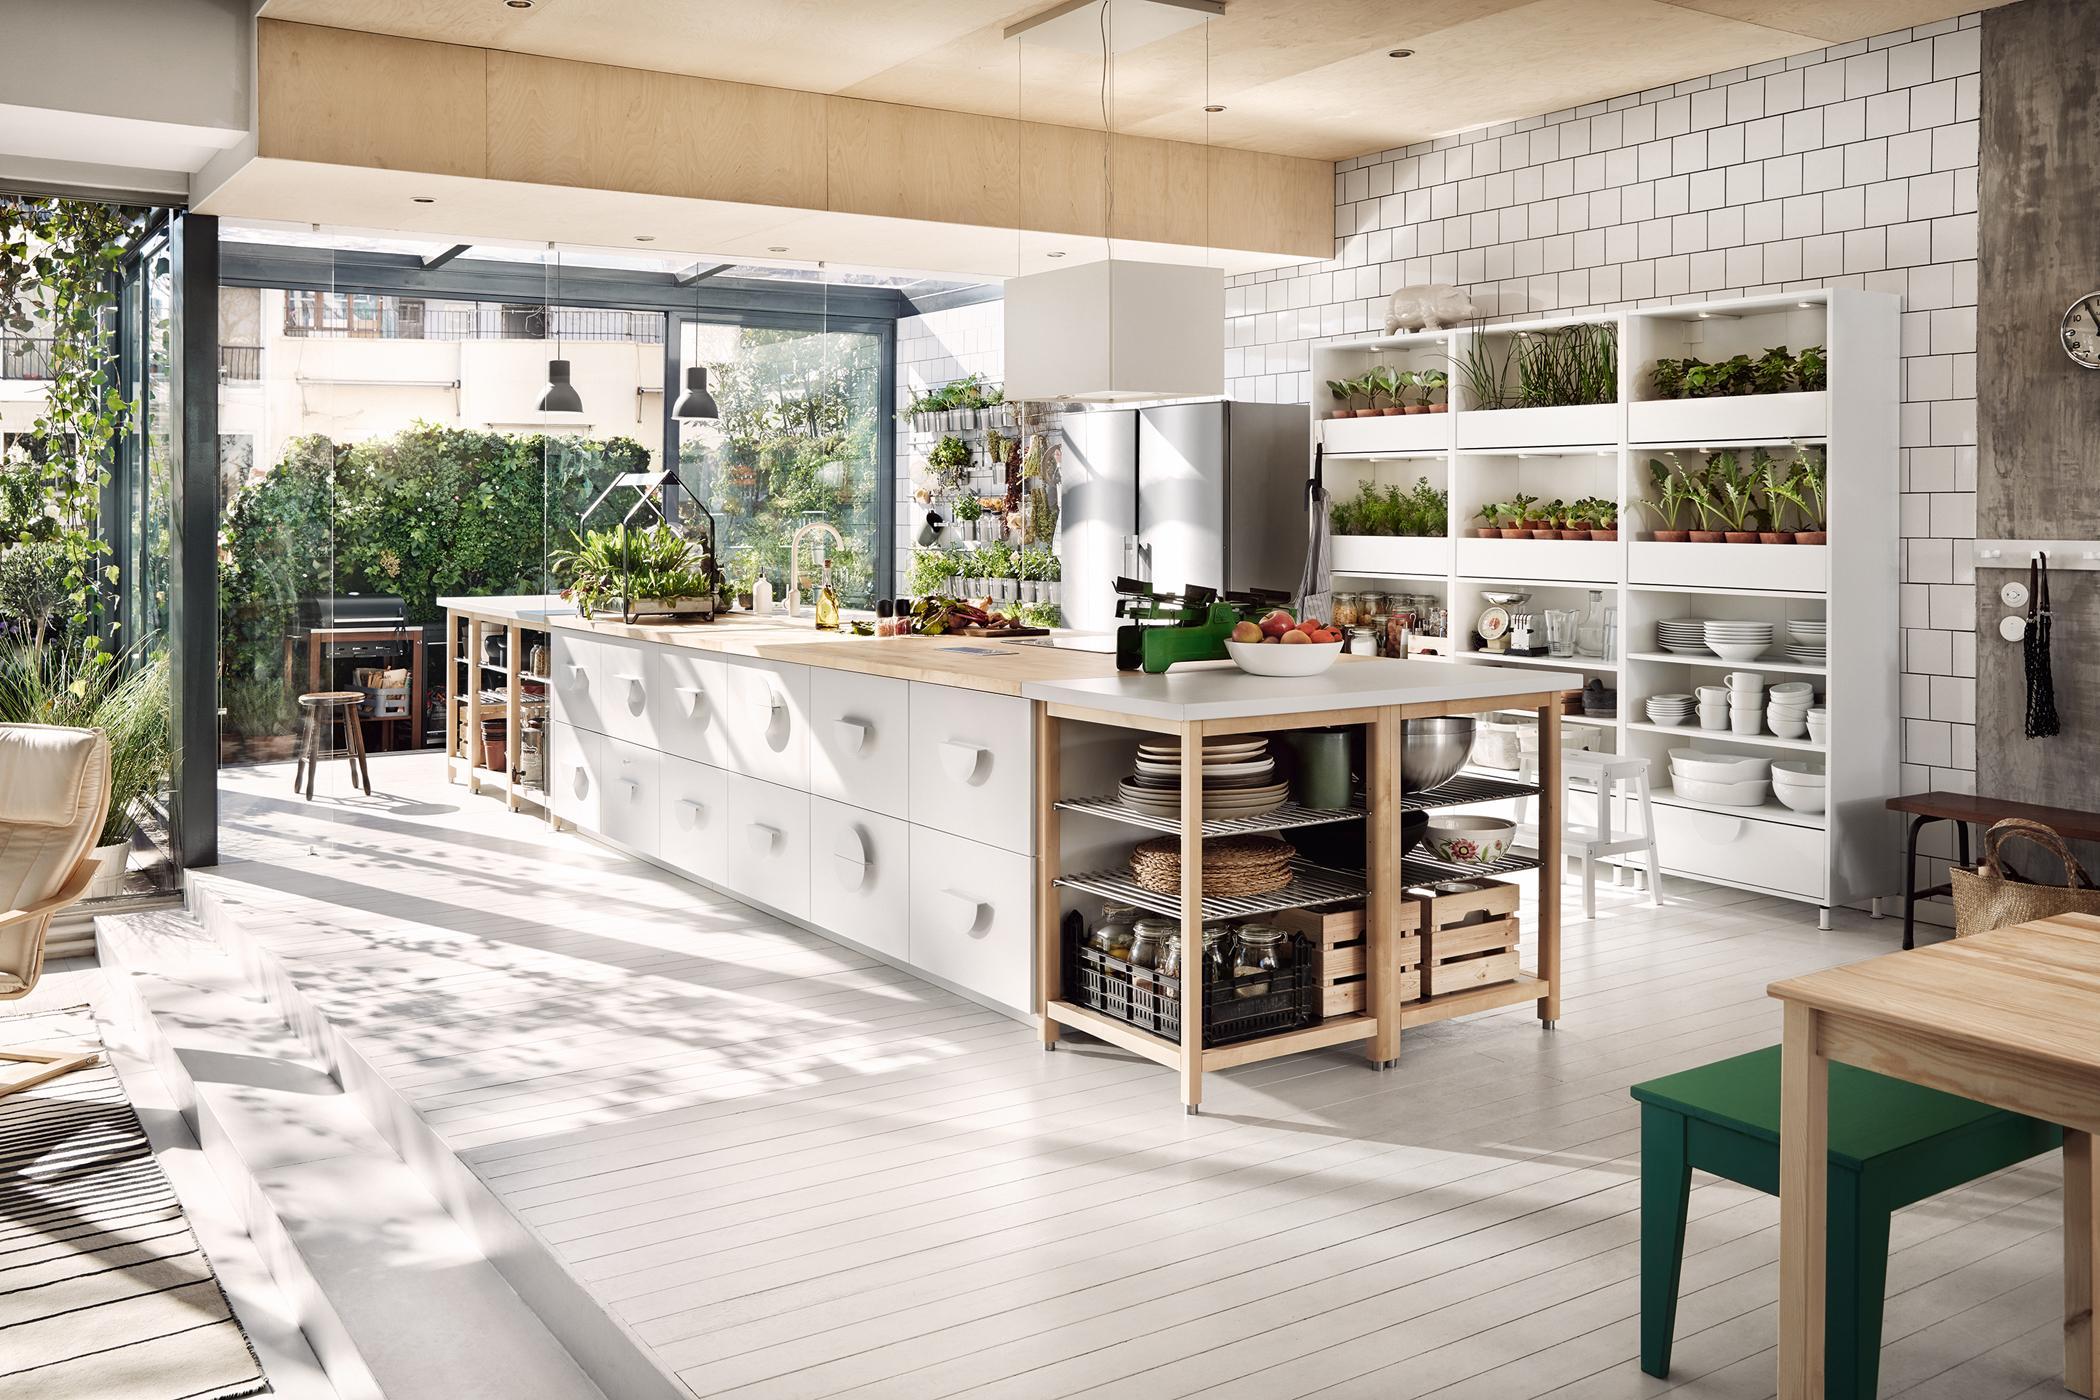 Full Size of Ikea Aufbewahrung Küche Kruteraufbewahrung Bilder Ideen Couch Tapeten Für Die Keramik Waschbecken Inselküche Pendelleuchten Pendelleuchte Miele Tresen Wohnzimmer Ikea Aufbewahrung Küche